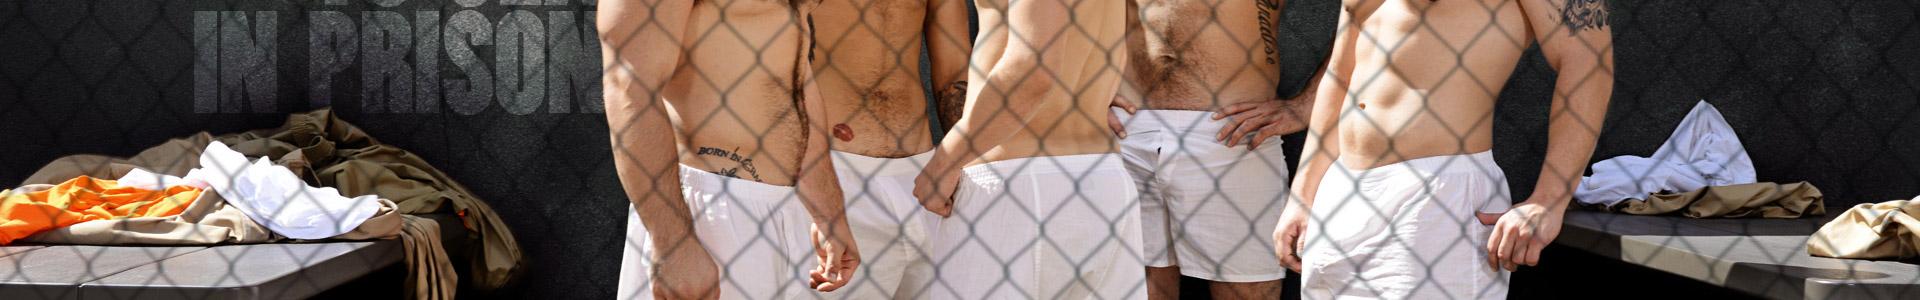 Aguidetosexinprison-bottom